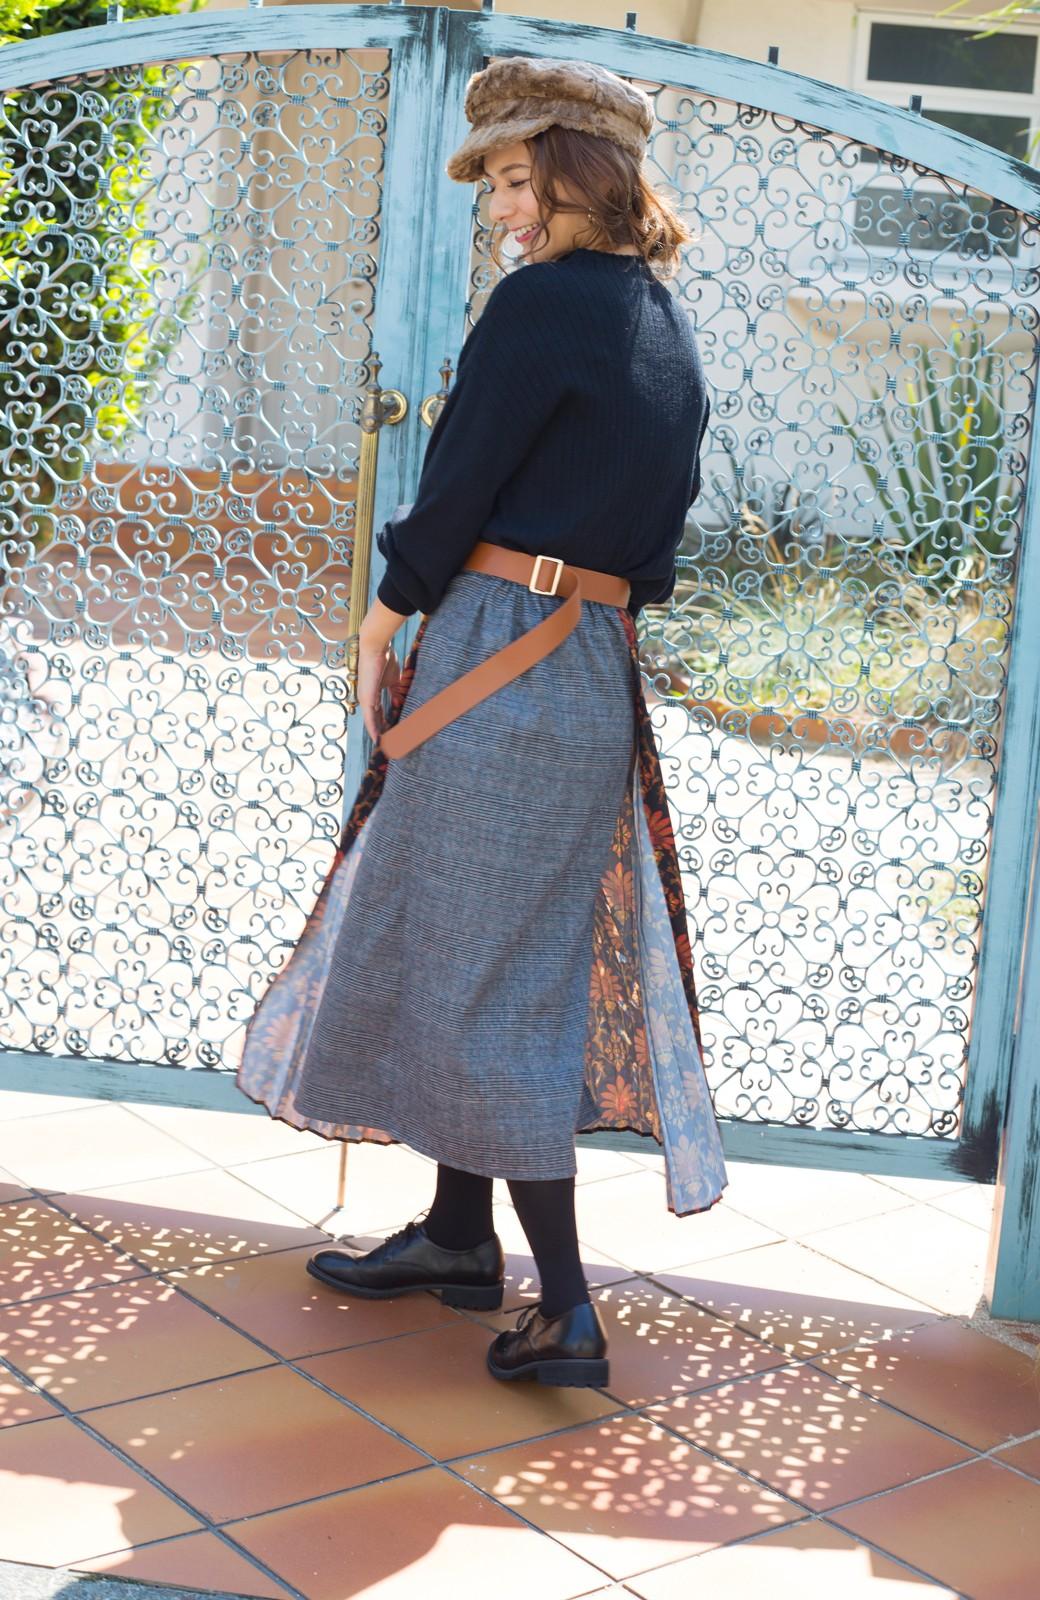 haco! <スザンヌさんコラボ>ラブ&ピースプロジェクト グレンチェック&ダークフラワー柄のアシンメトリースカート <グレー系その他>の商品写真6